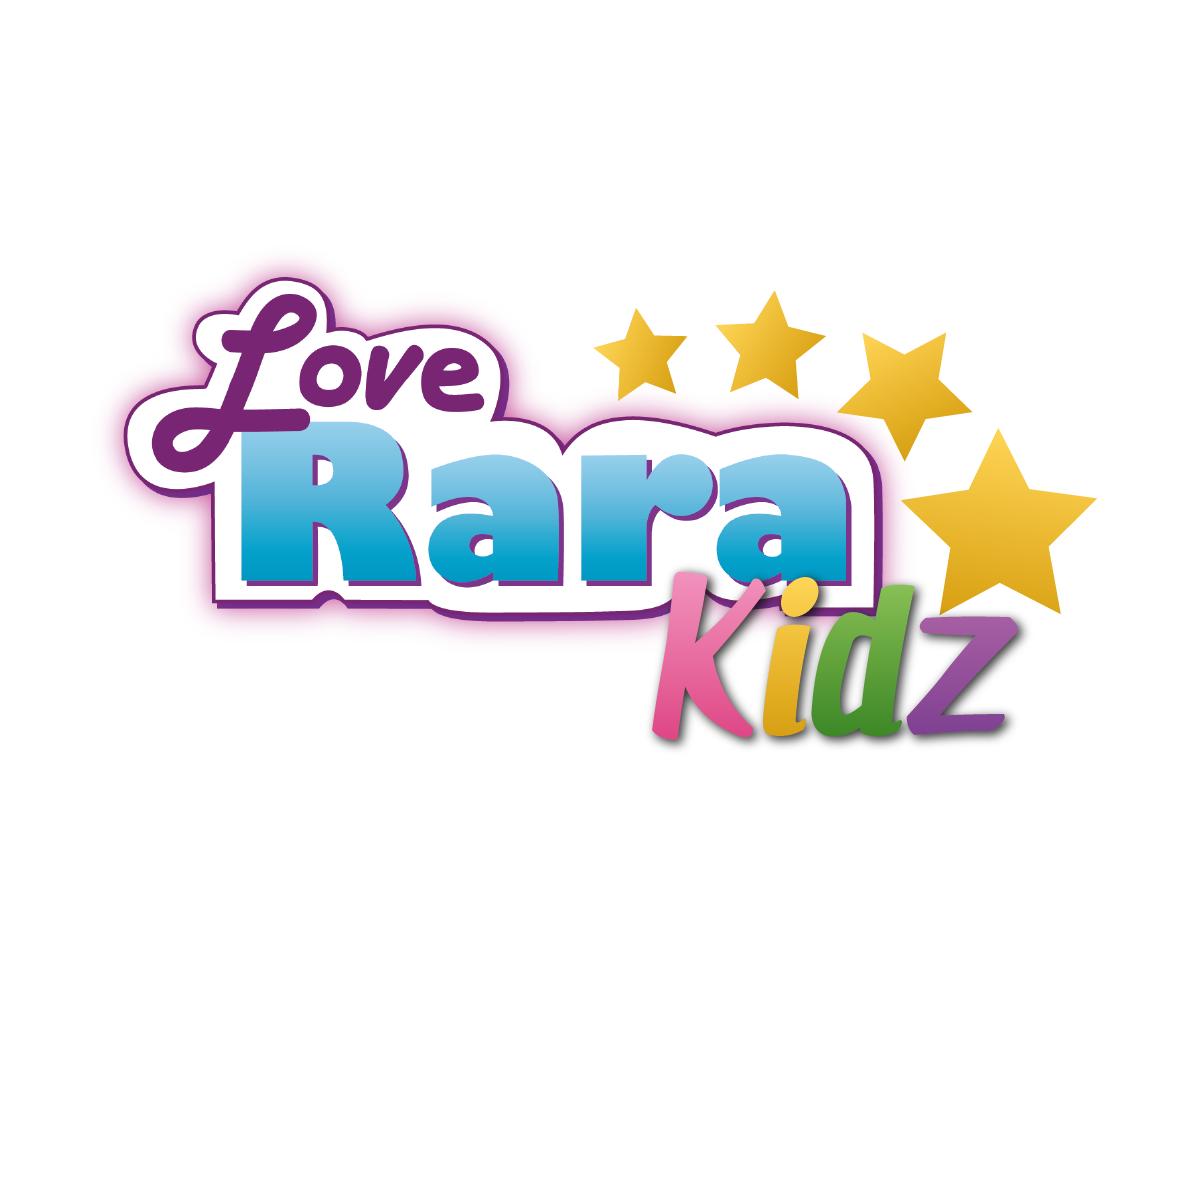 Love Rara Kidz Ltd